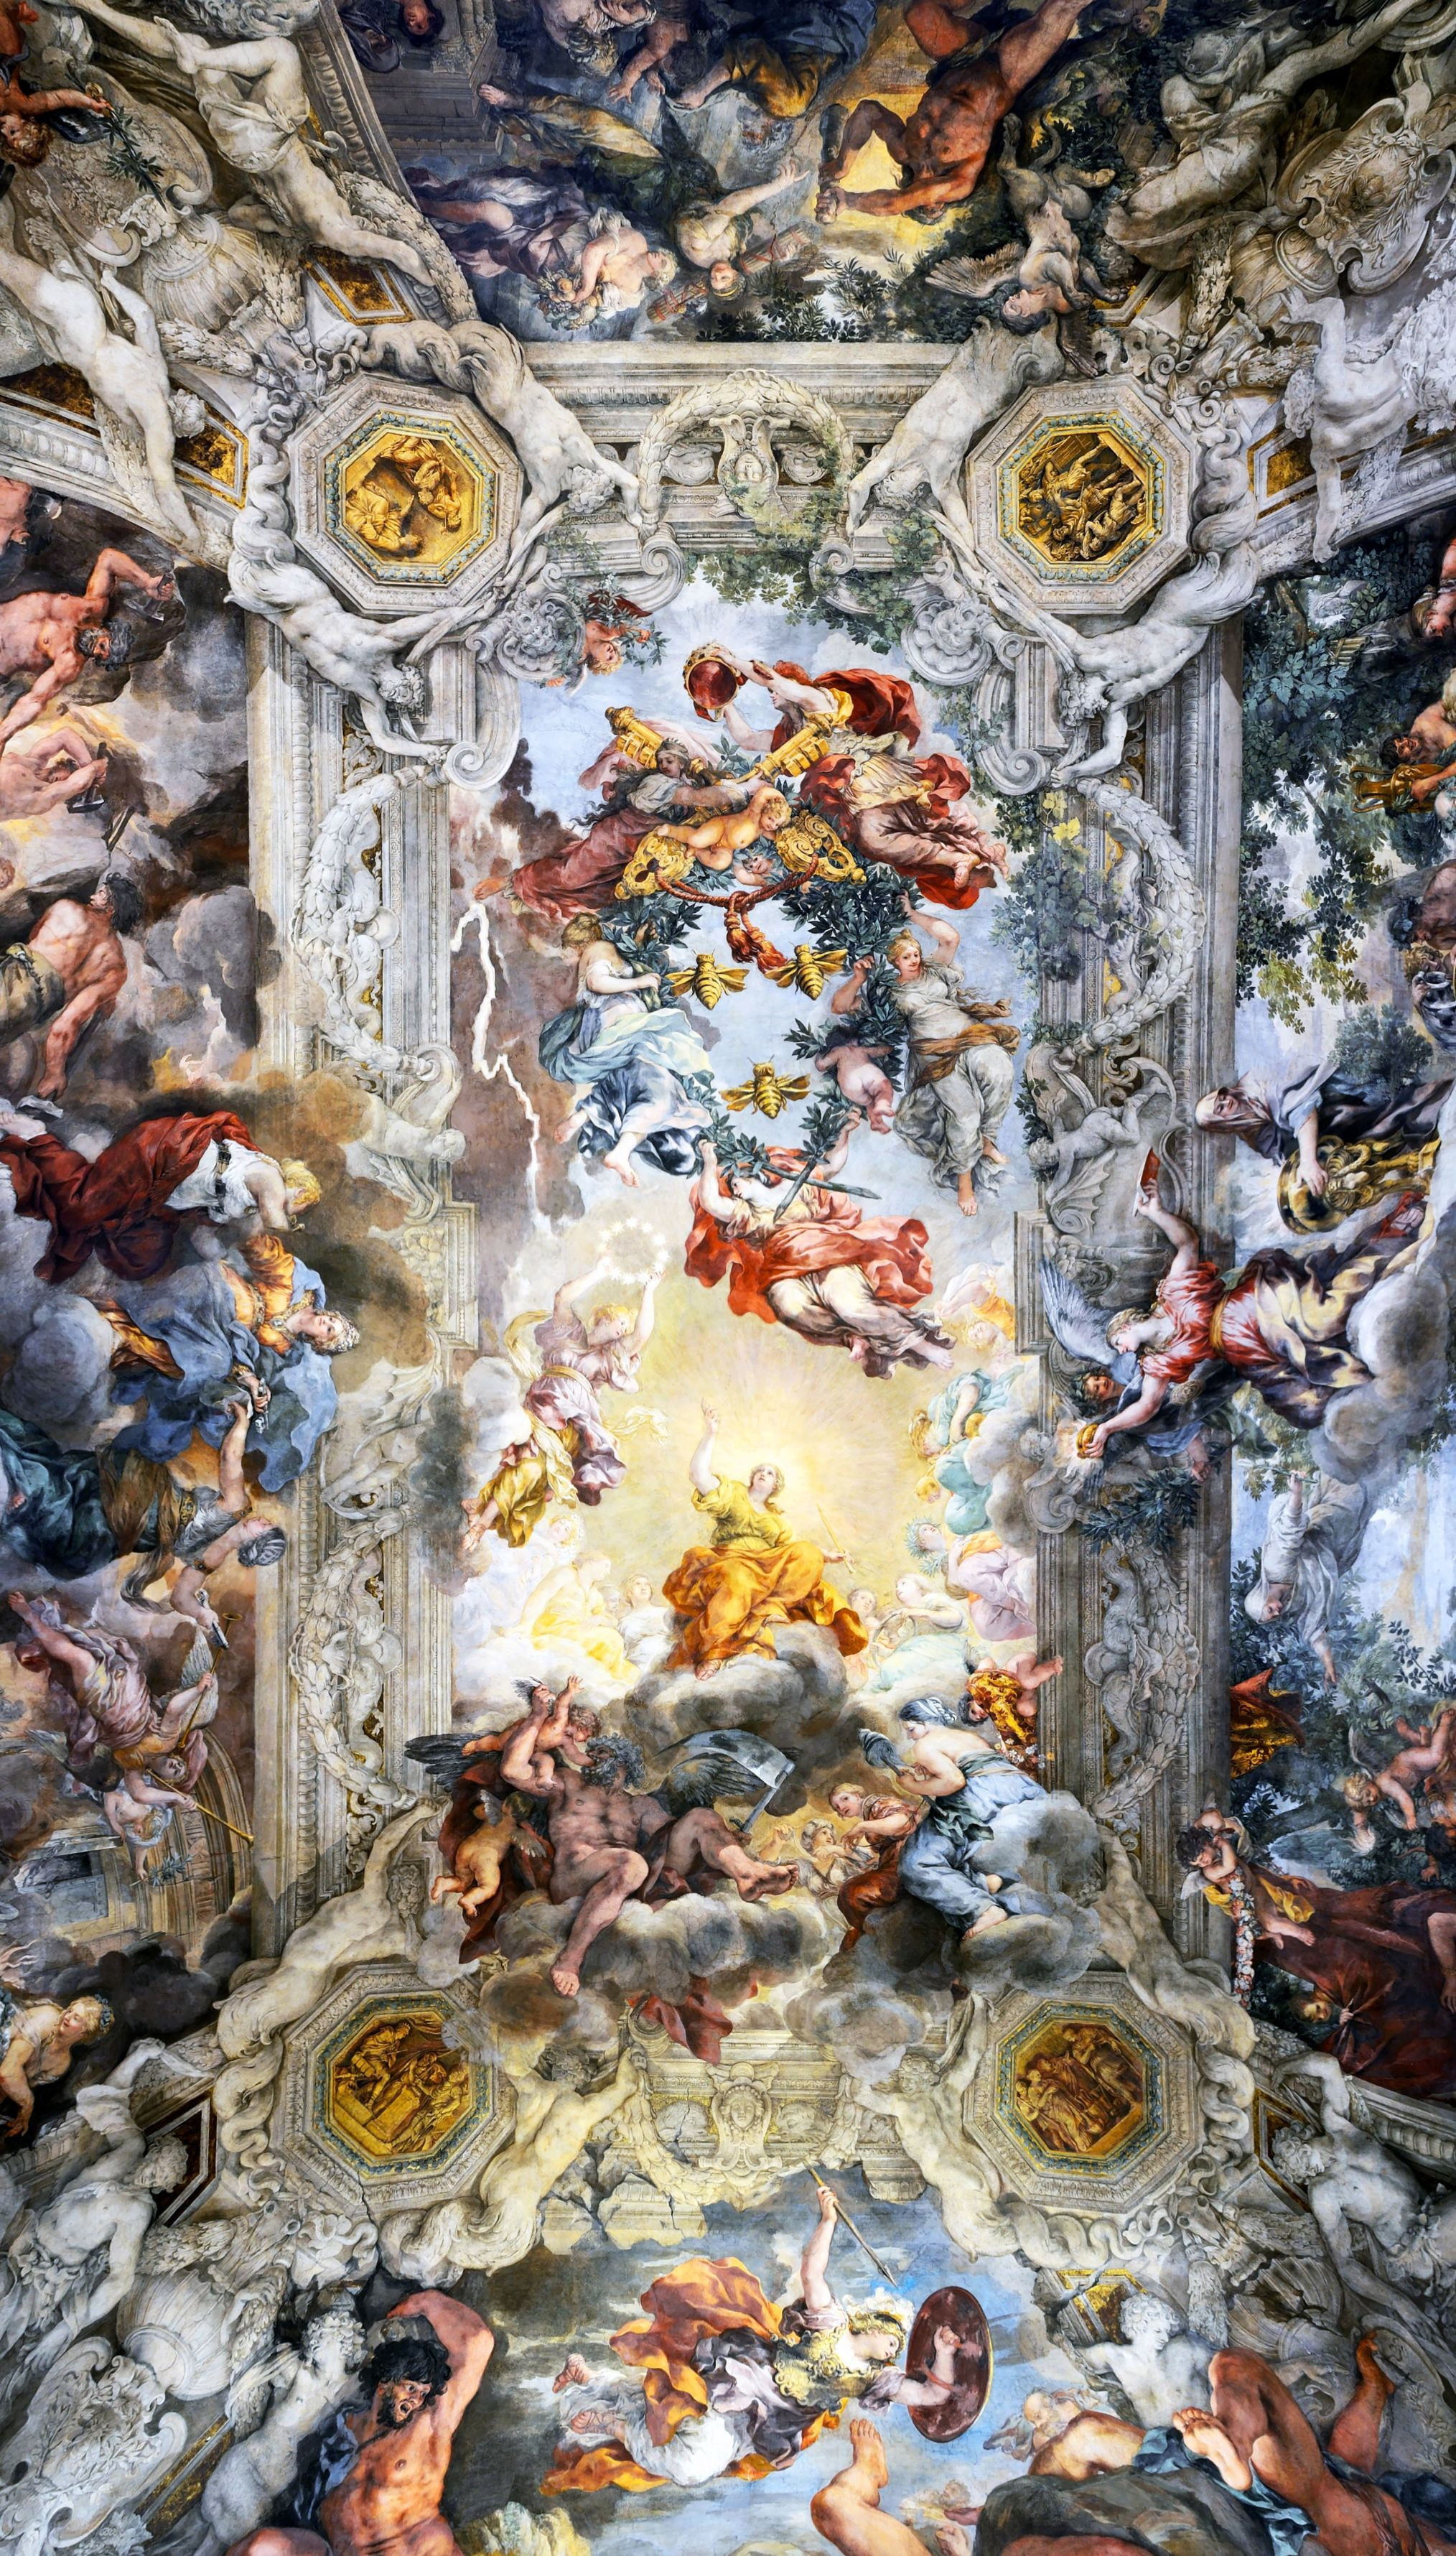 b7941c6005a07 El triunfo de la Divina Providencia